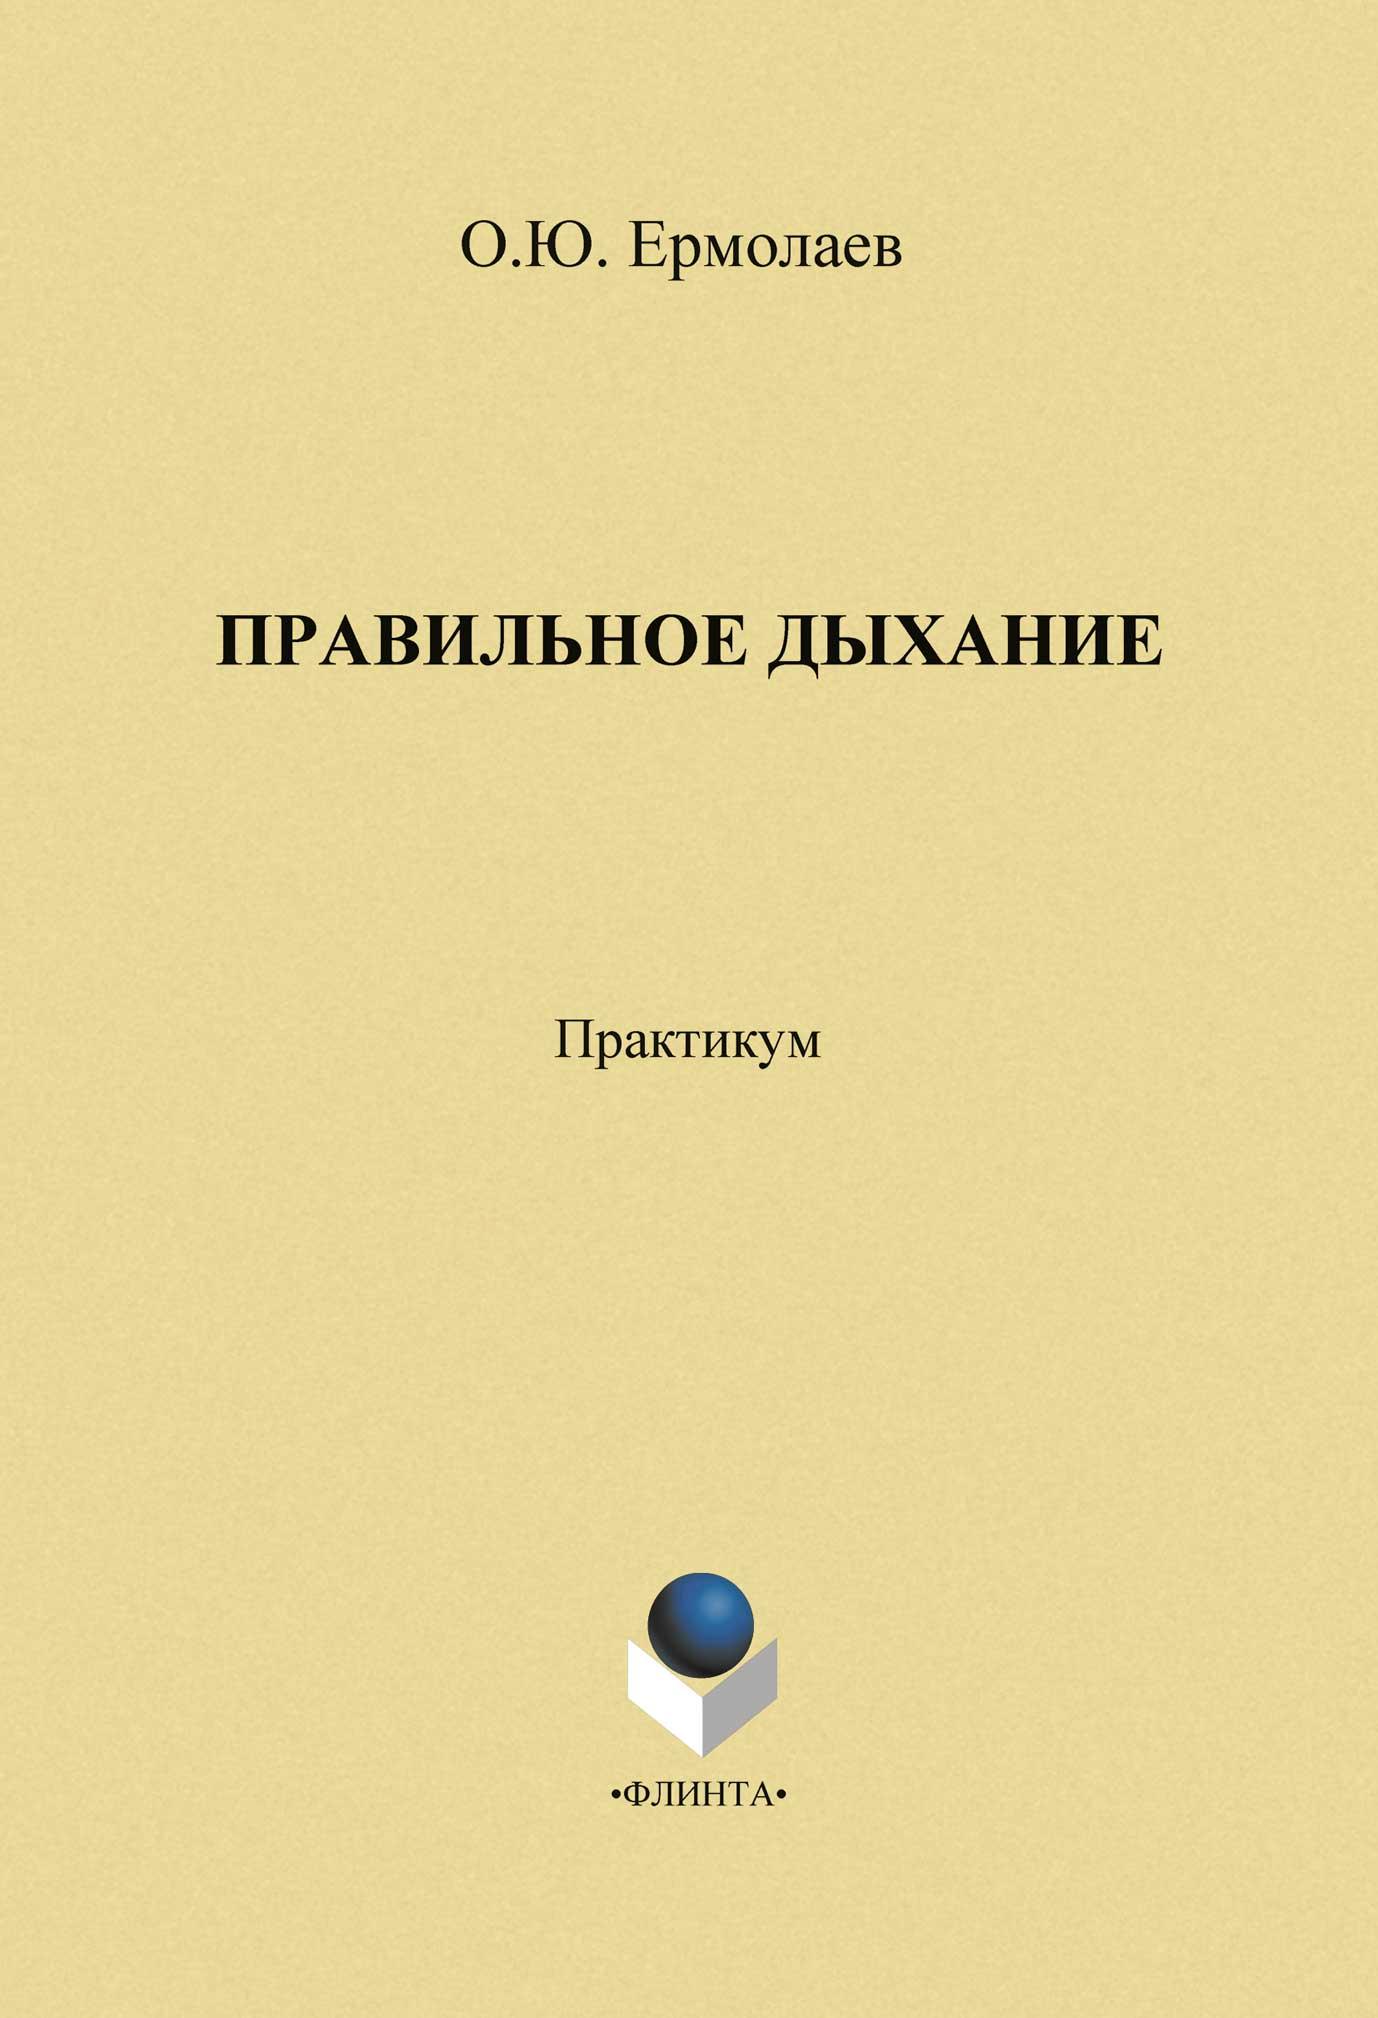 О. Ю. Ермолаев Правильное дыхание. Практическое пособие